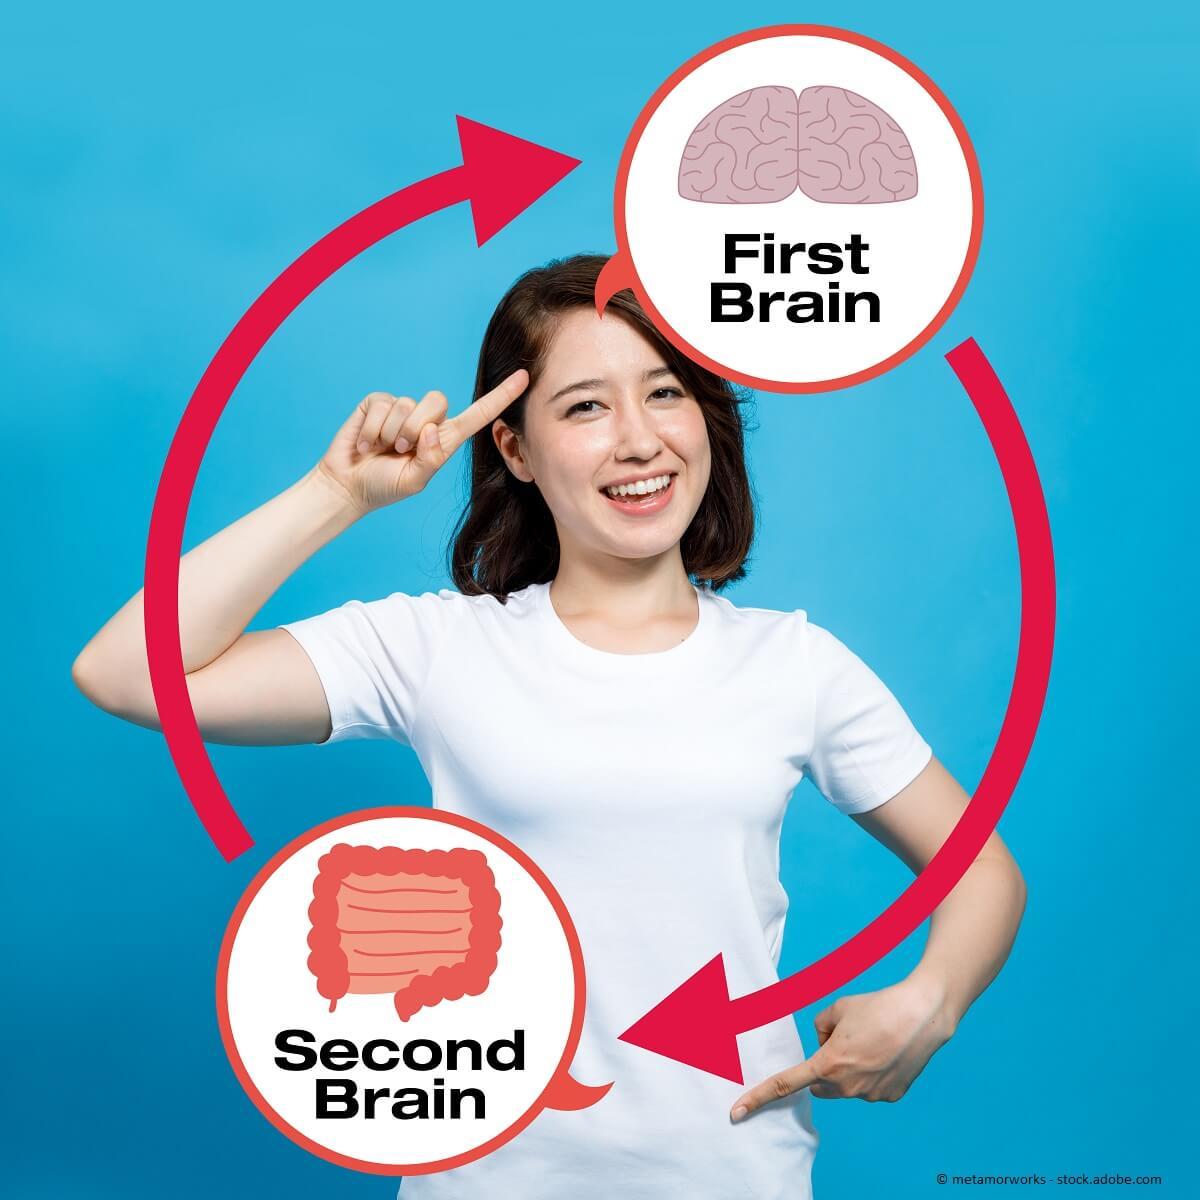 Der Darm hat einen grossen Einfluss auf unser Gehirn